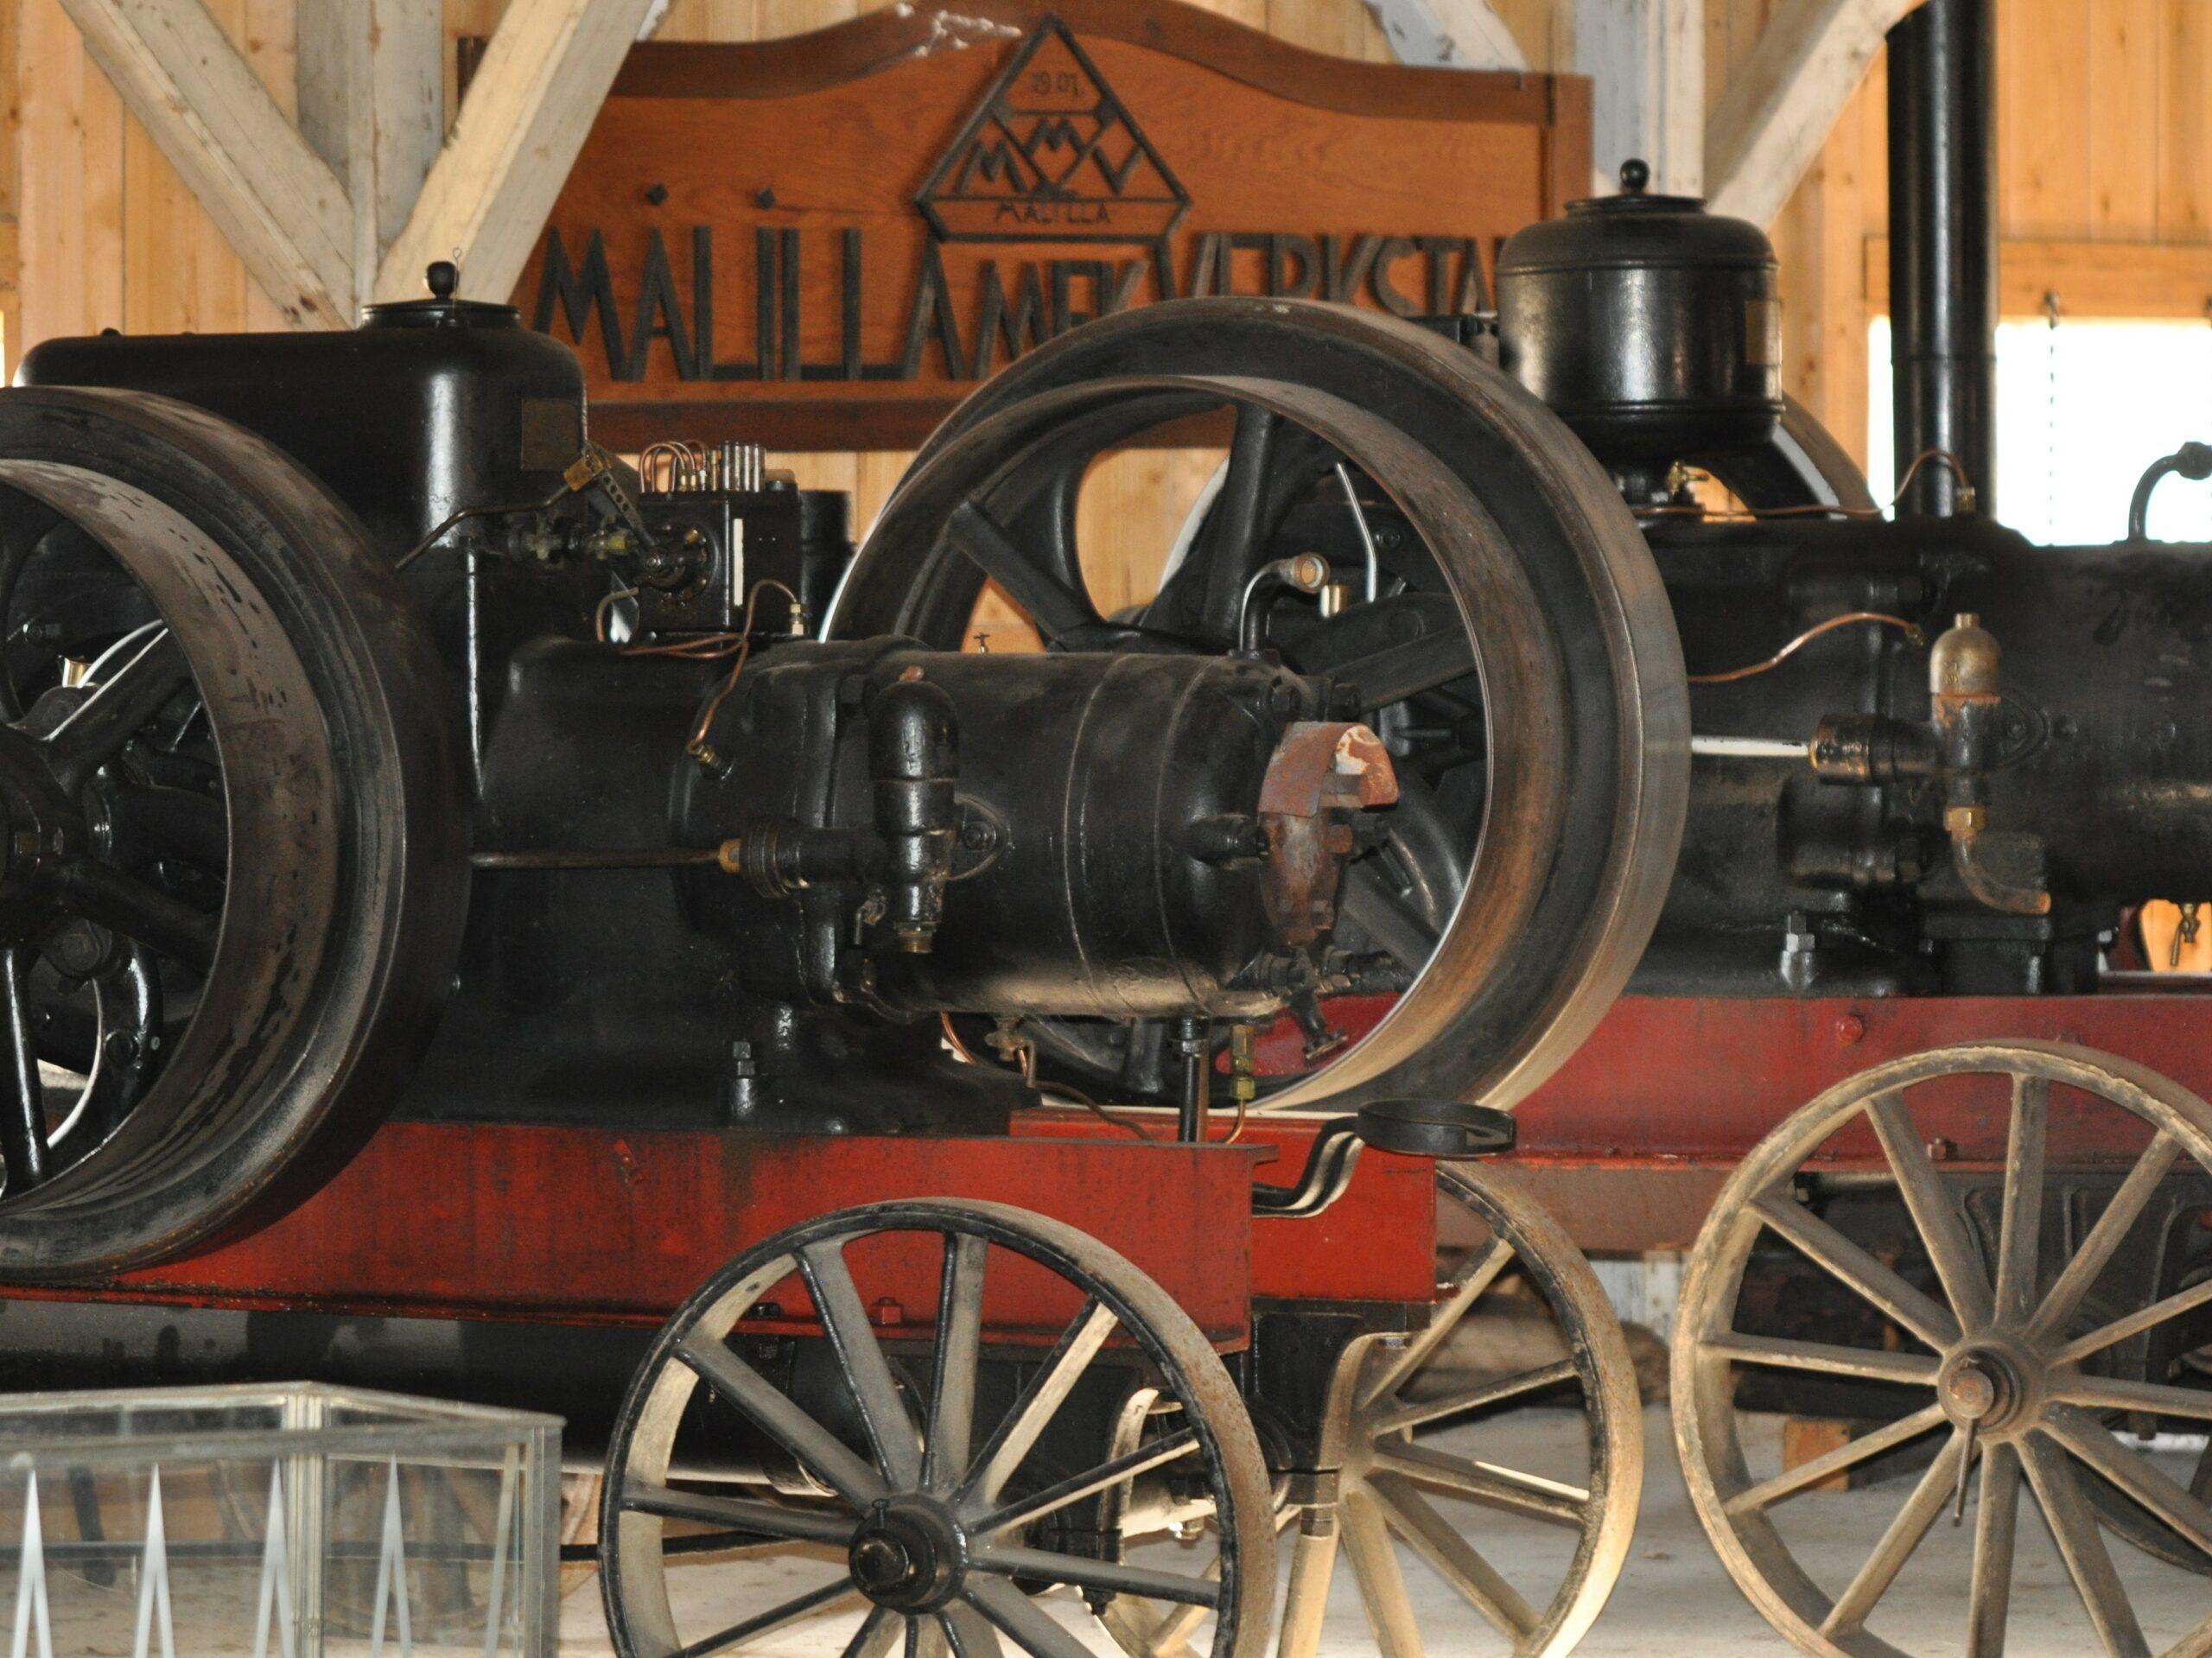 Motormuseum20120328 005 skaléiert